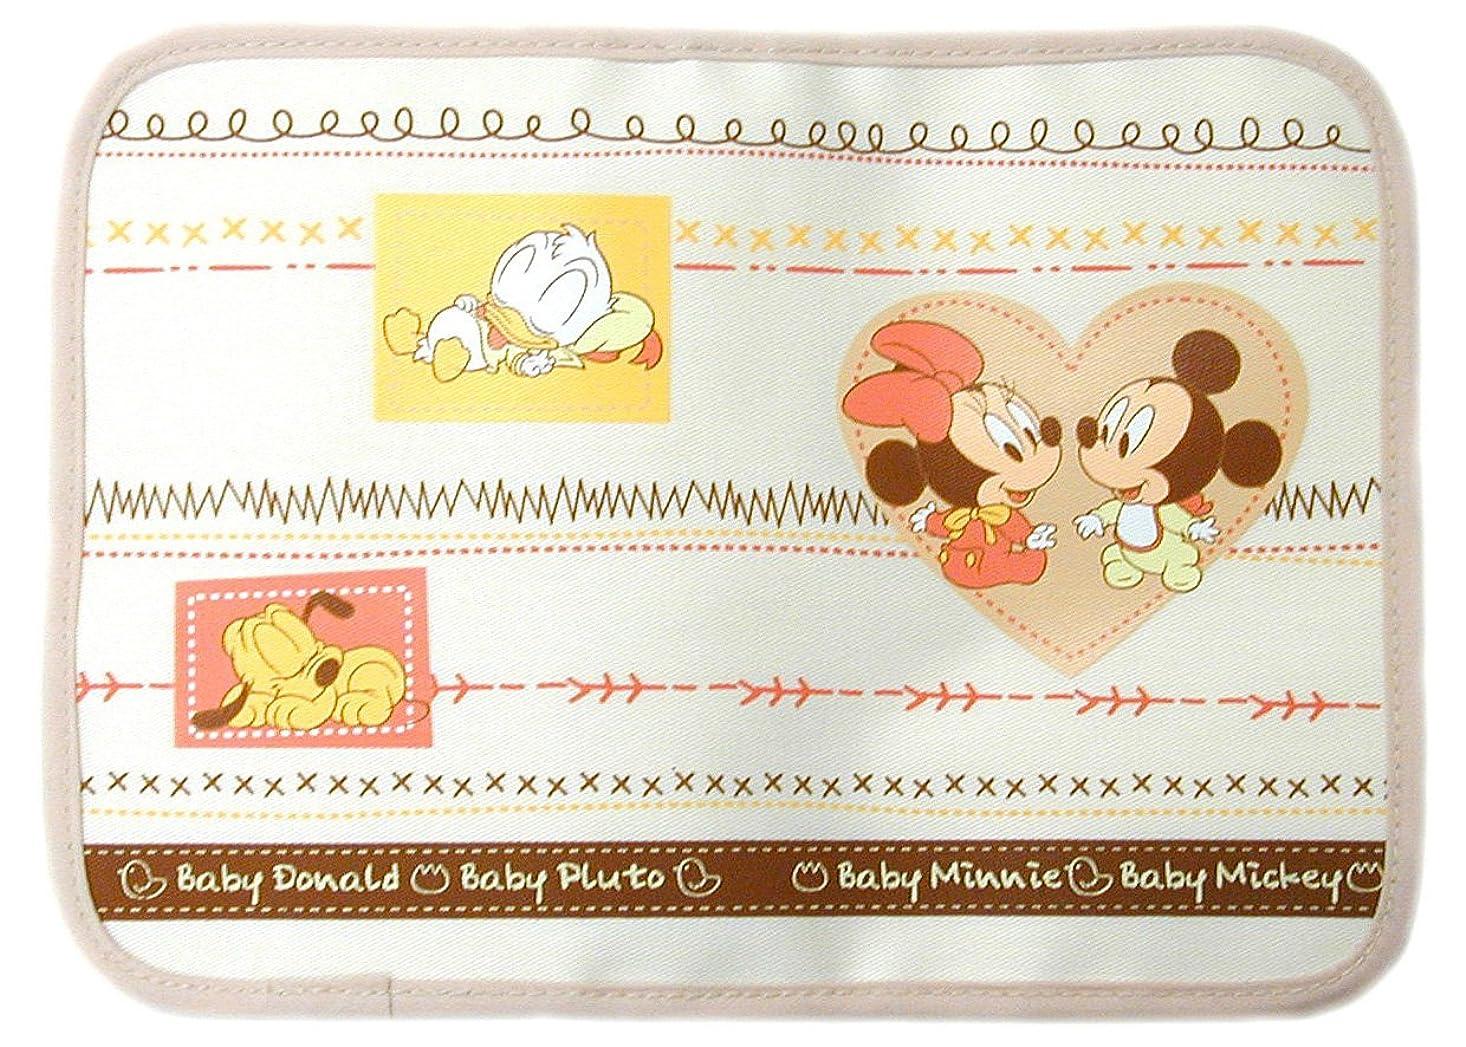 せっかち乱れ取得するクーザ 母子手帳ケースS (ベビーミッキー&フレンズ) DU-1515